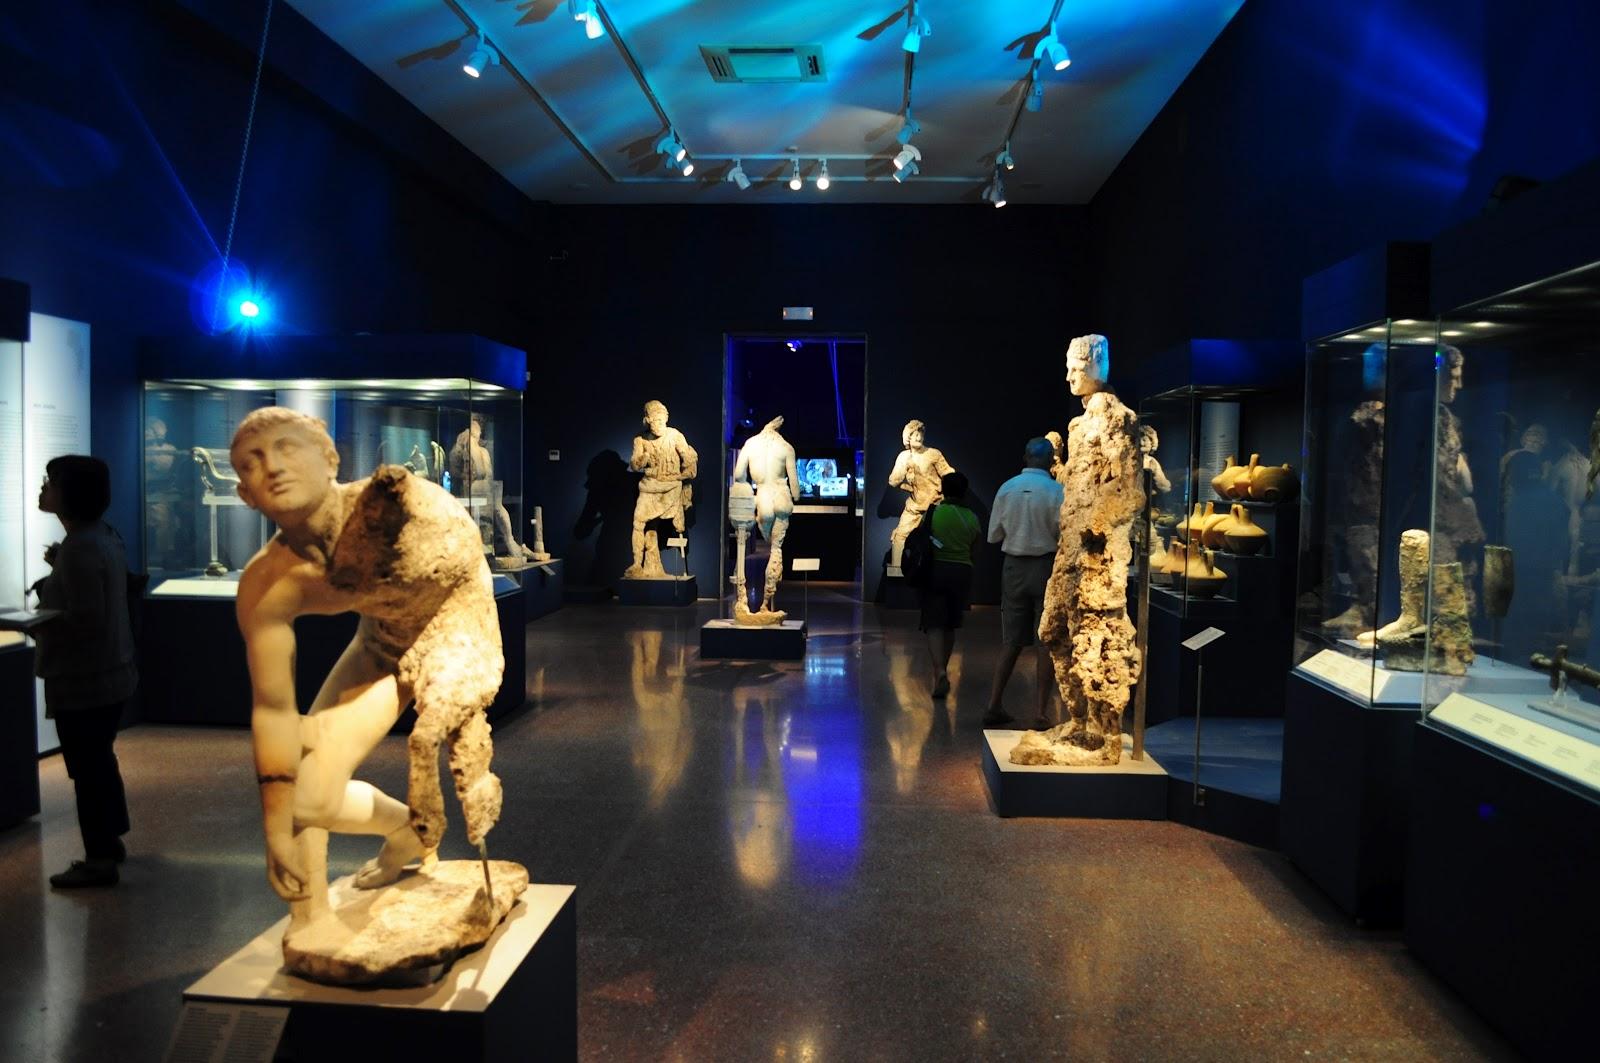 Antikythera wreck treasures